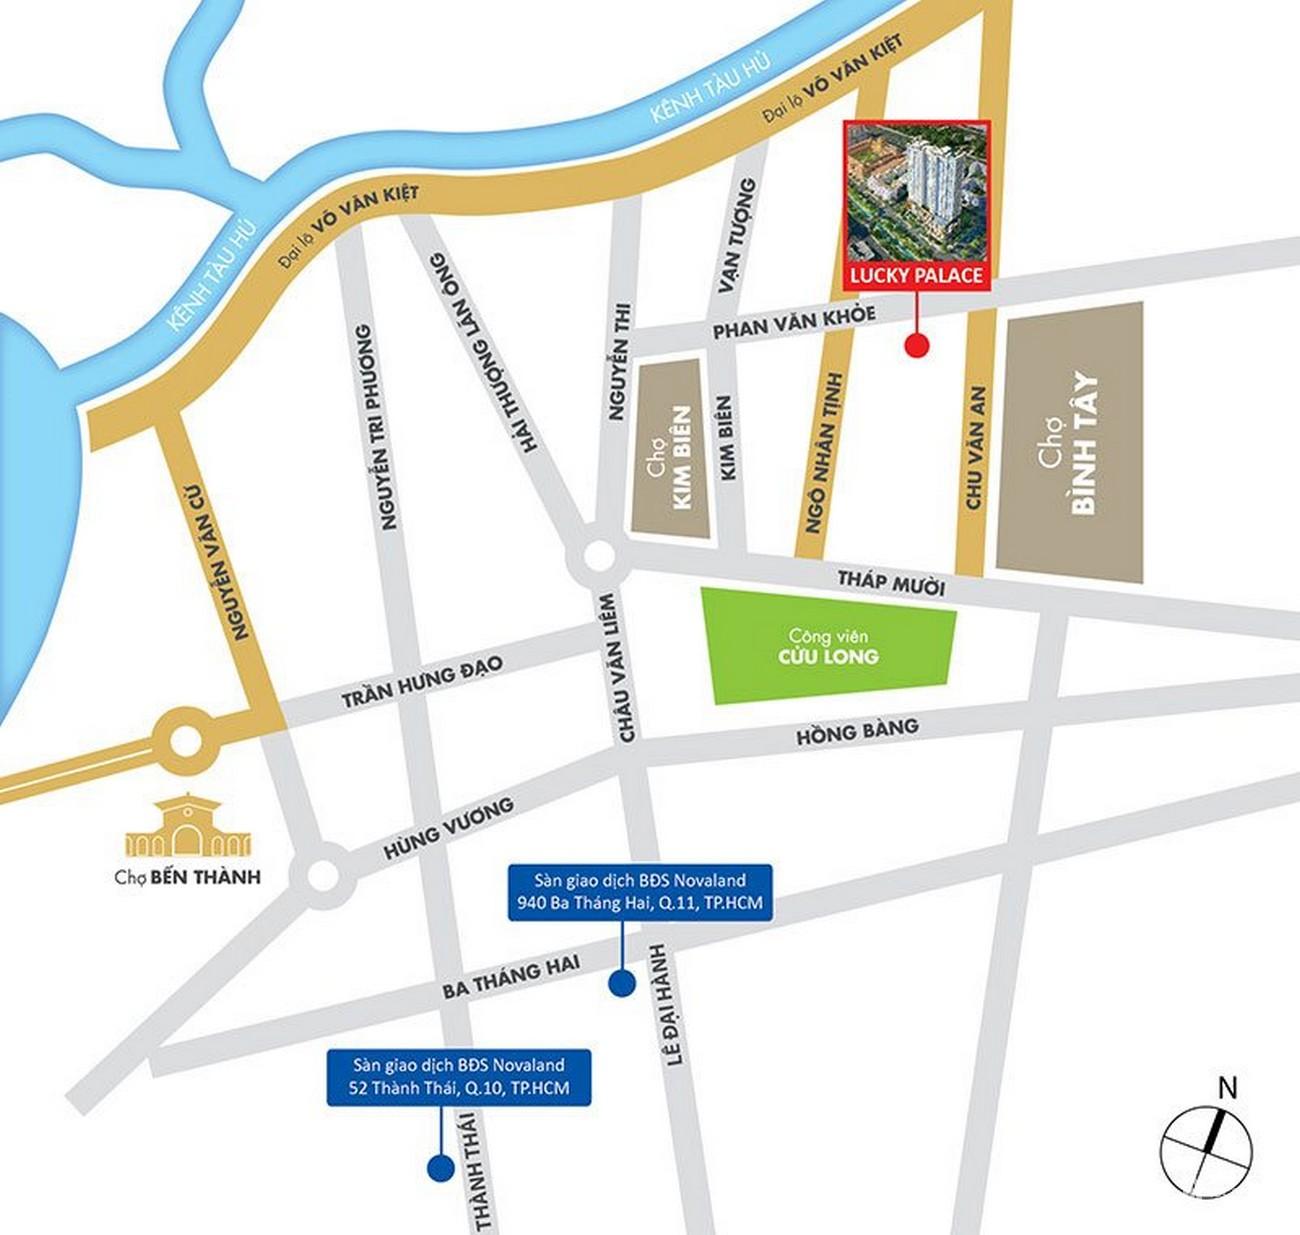 Vị trí địa chỉ dự án căn hộ chung cư Lucky Palace Quận 6 Đường 50 Phan Văn Khỏe chủ đầu tư Novaland